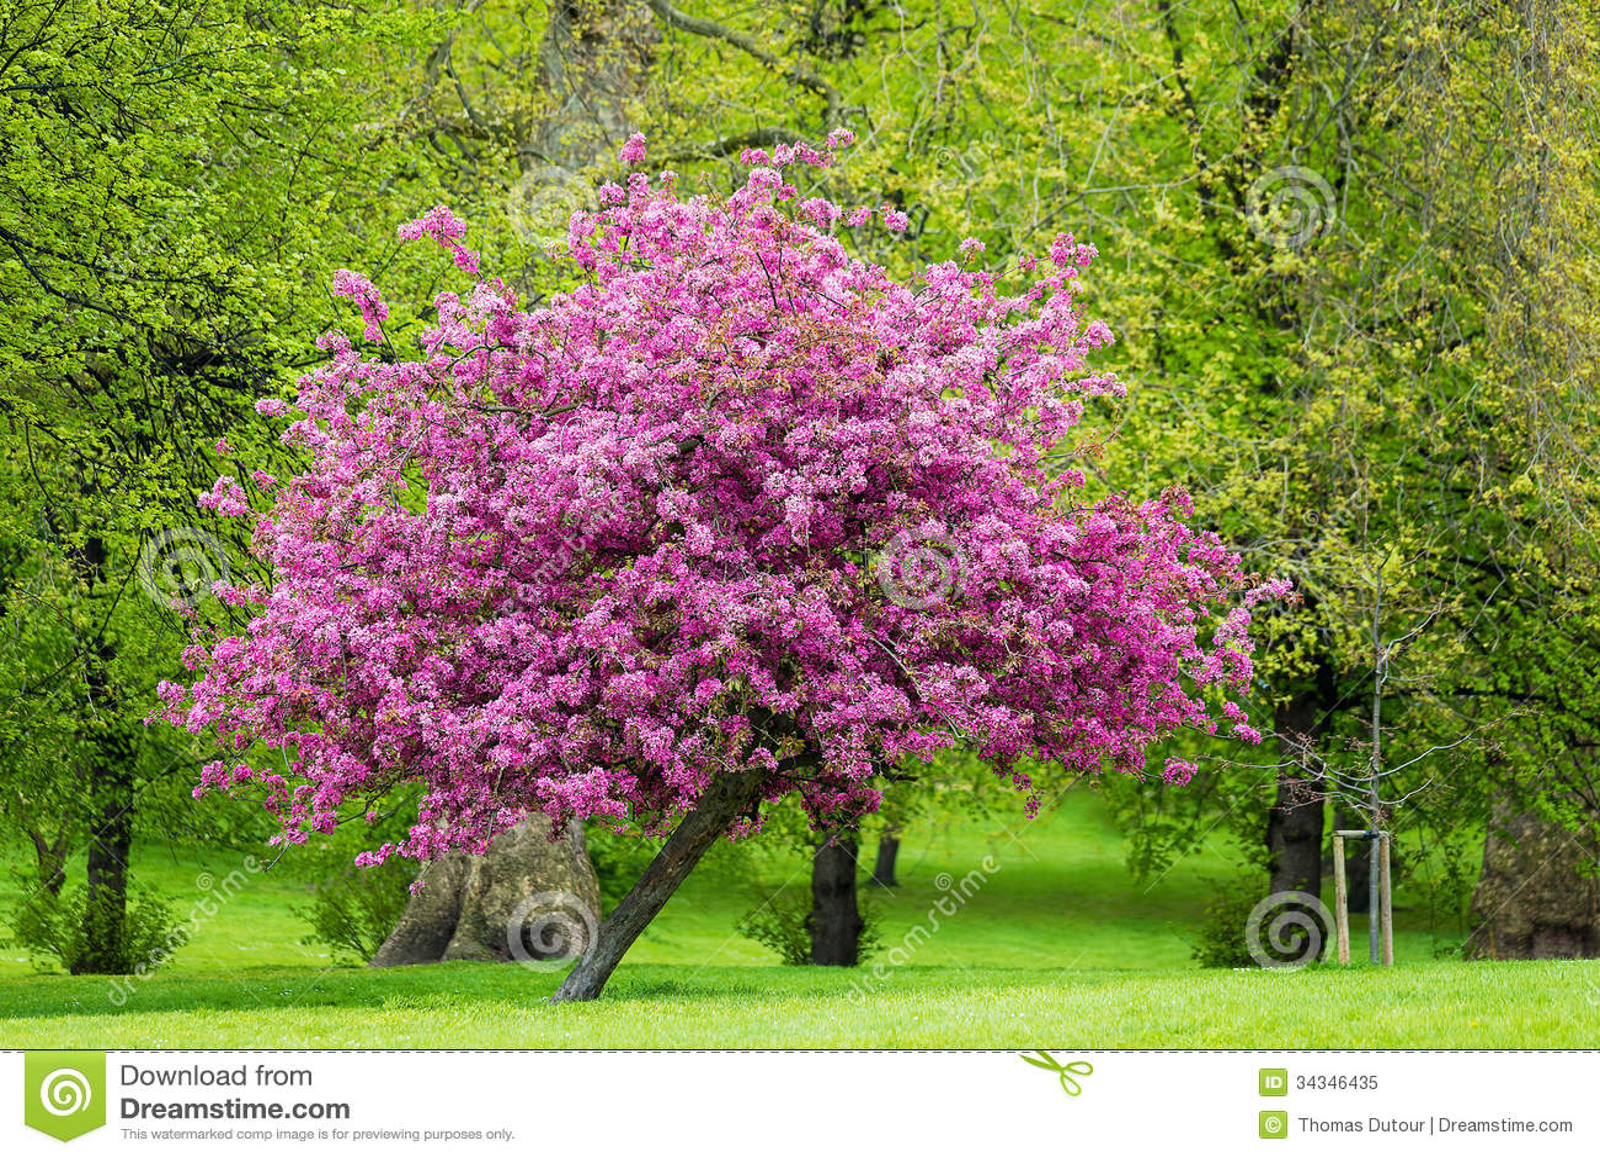 Rosa Blühender Baum Im Frühling : bl hender rosa baum lizenzfreies stockfoto bild 34346435 ~ Lizthompson.info Haus und Dekorationen